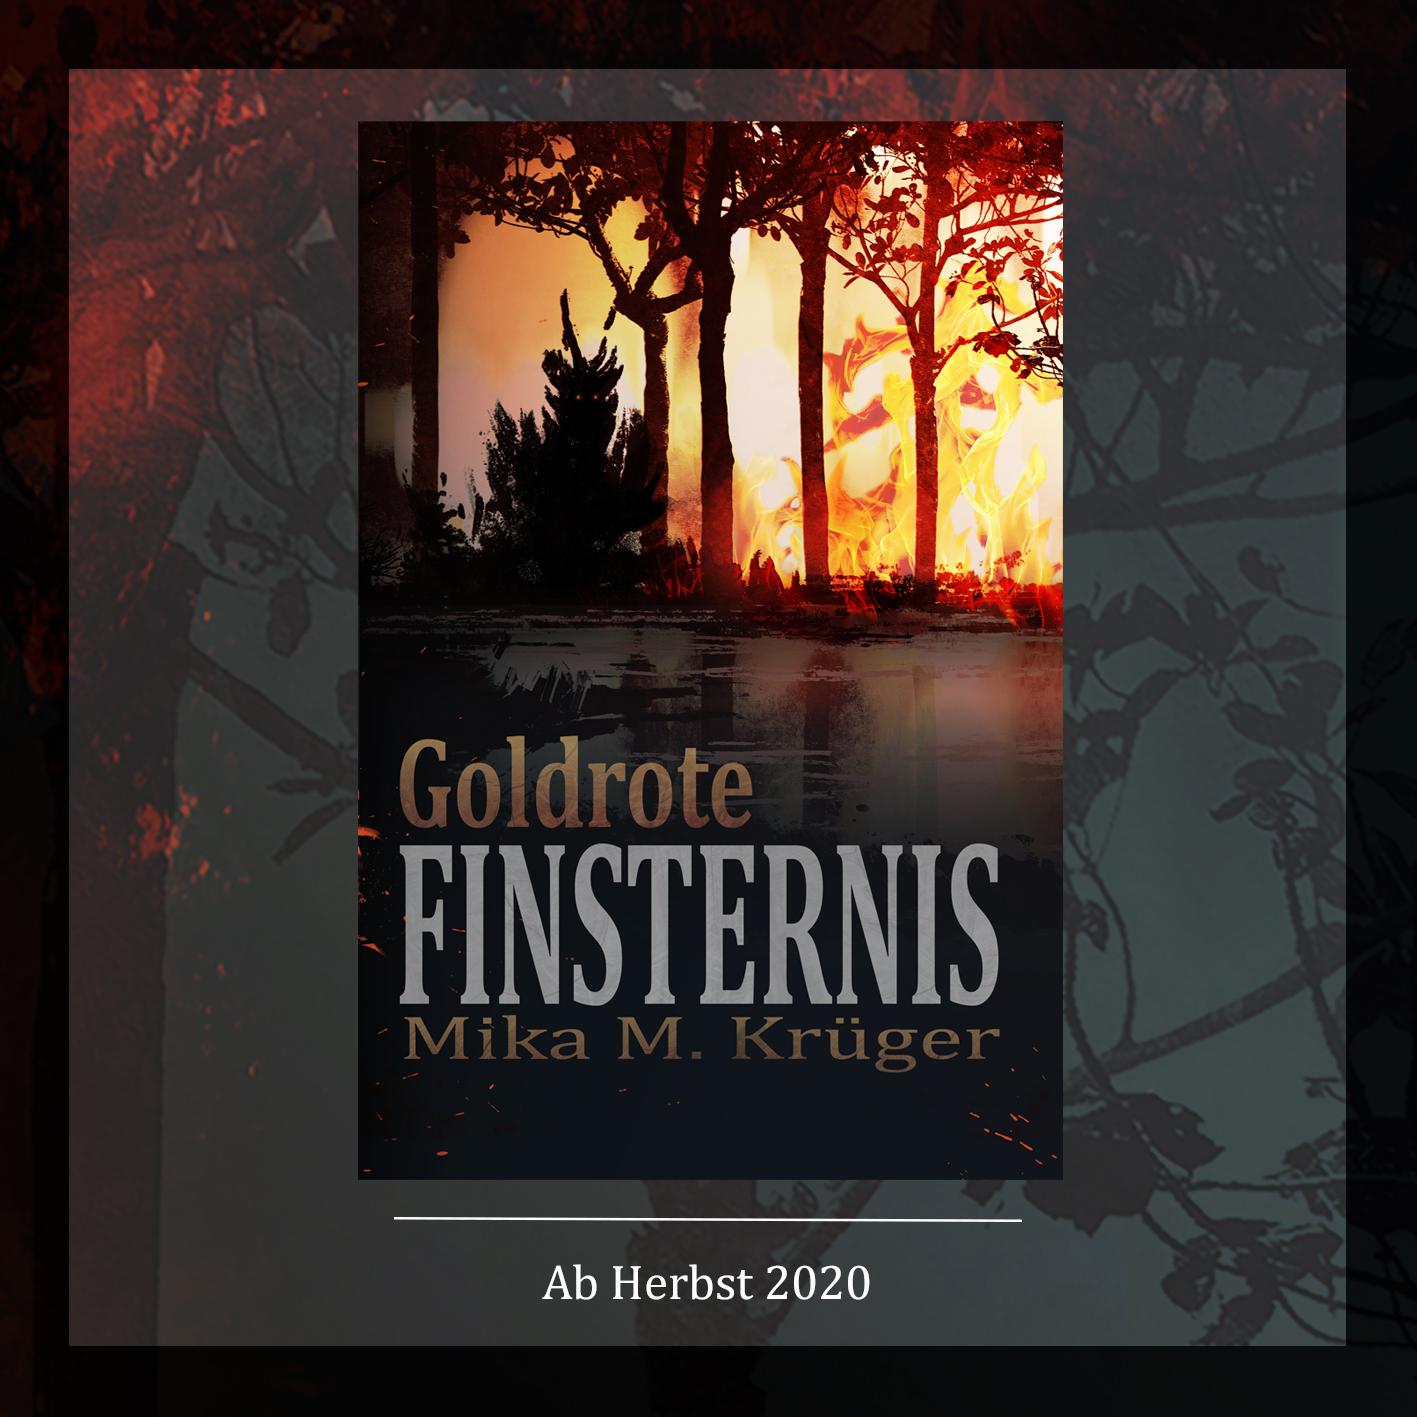 GoldroteFinsertnis_Veröffentlichungstermin IG